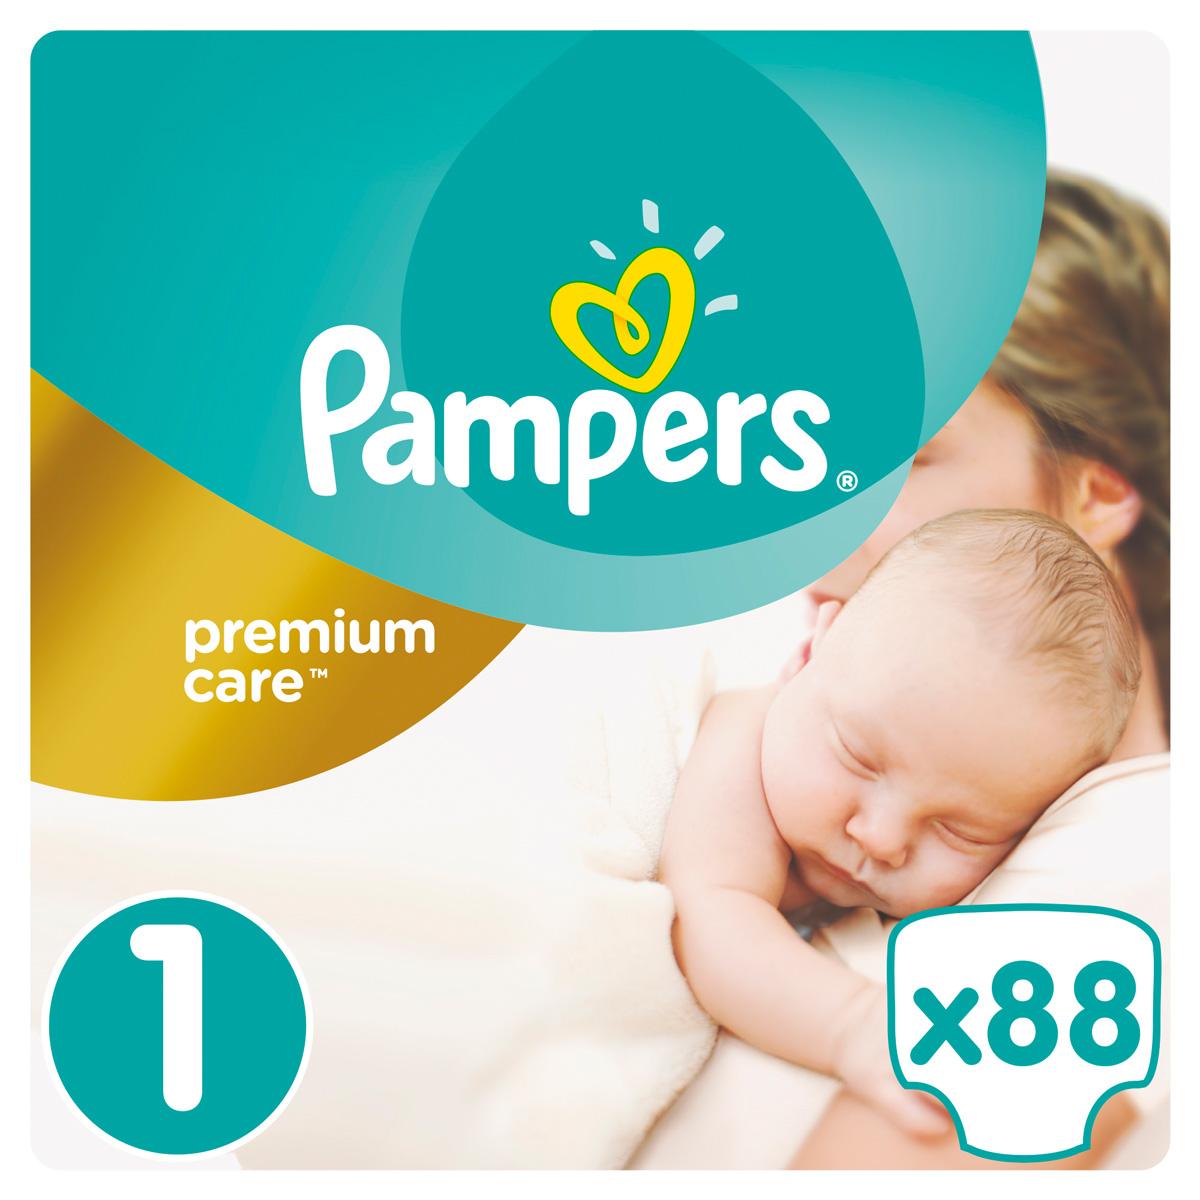 Pampers Подгузники Premium Care 2-5 кг (размер 1) 88 шт - Подгузники и пеленки